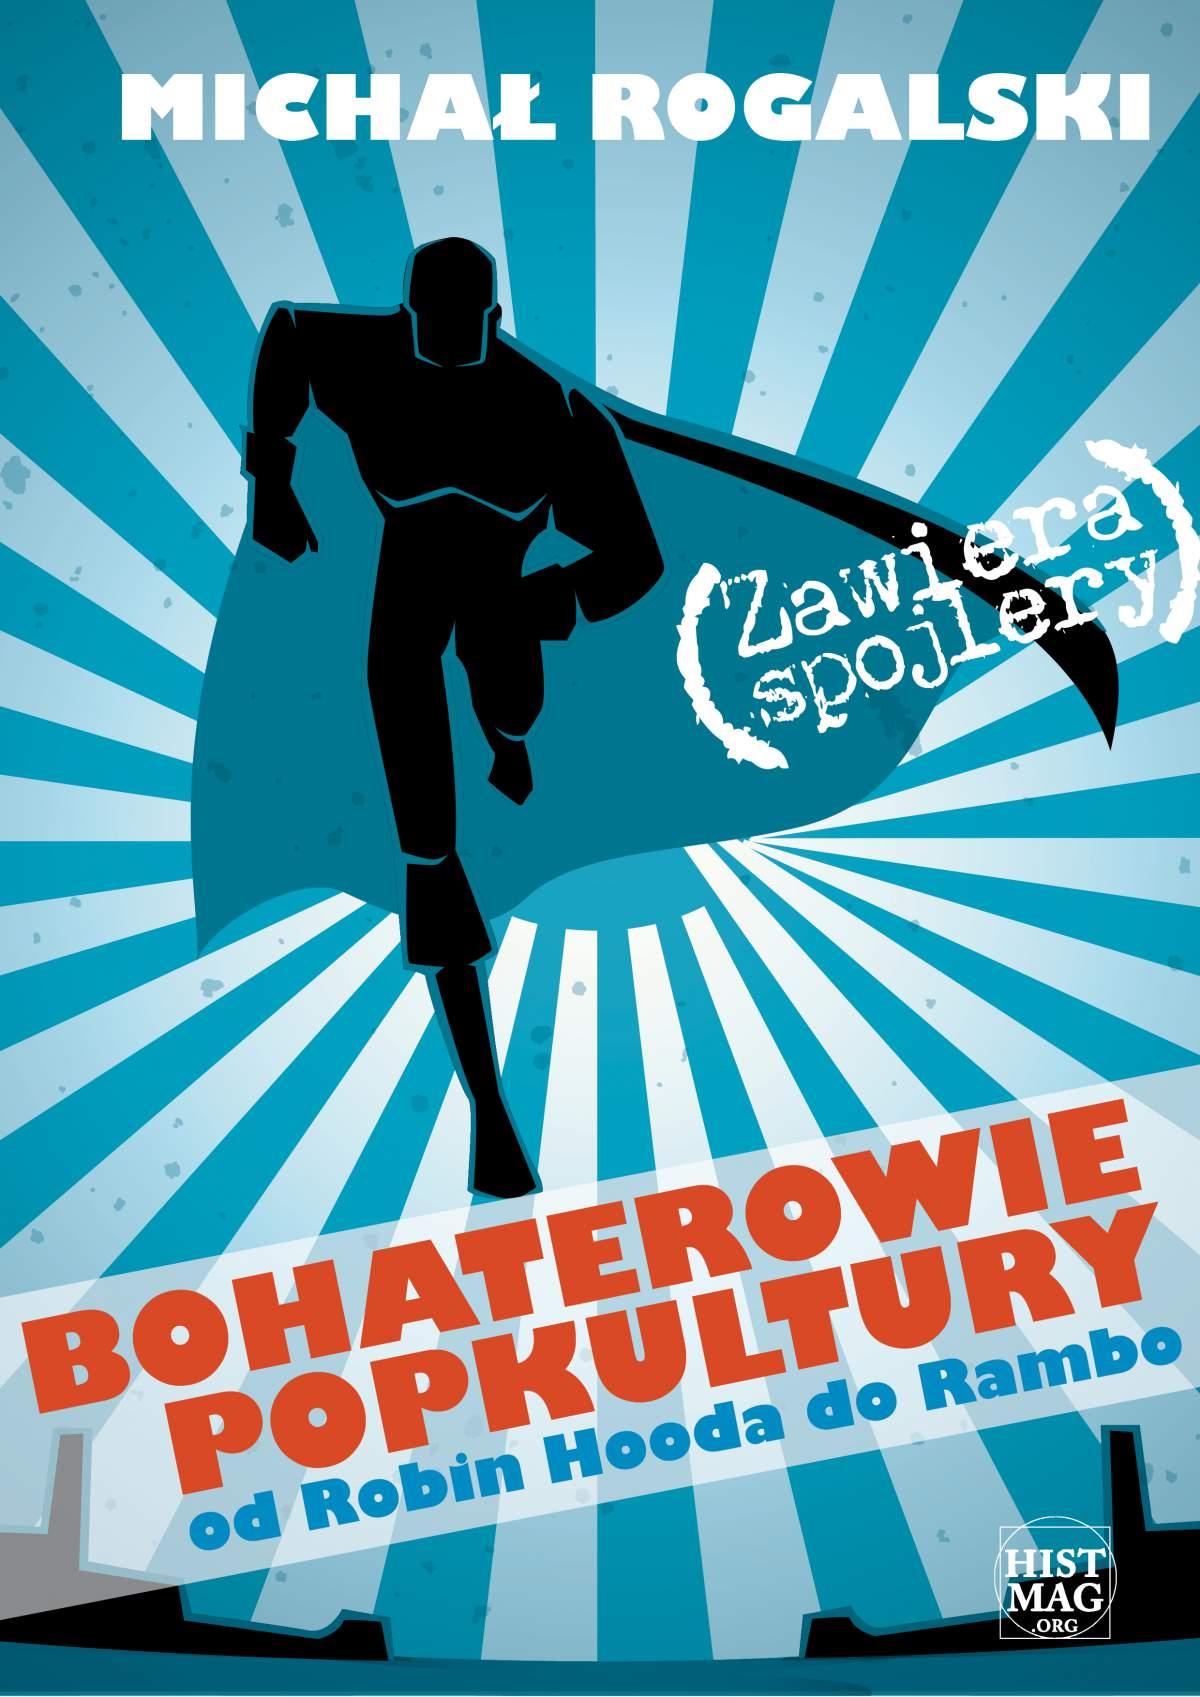 Bohaterowie popkultury: od Robin Hooda do Rambo - Ebook (Książka na Kindle) do pobrania w formacie MOBI